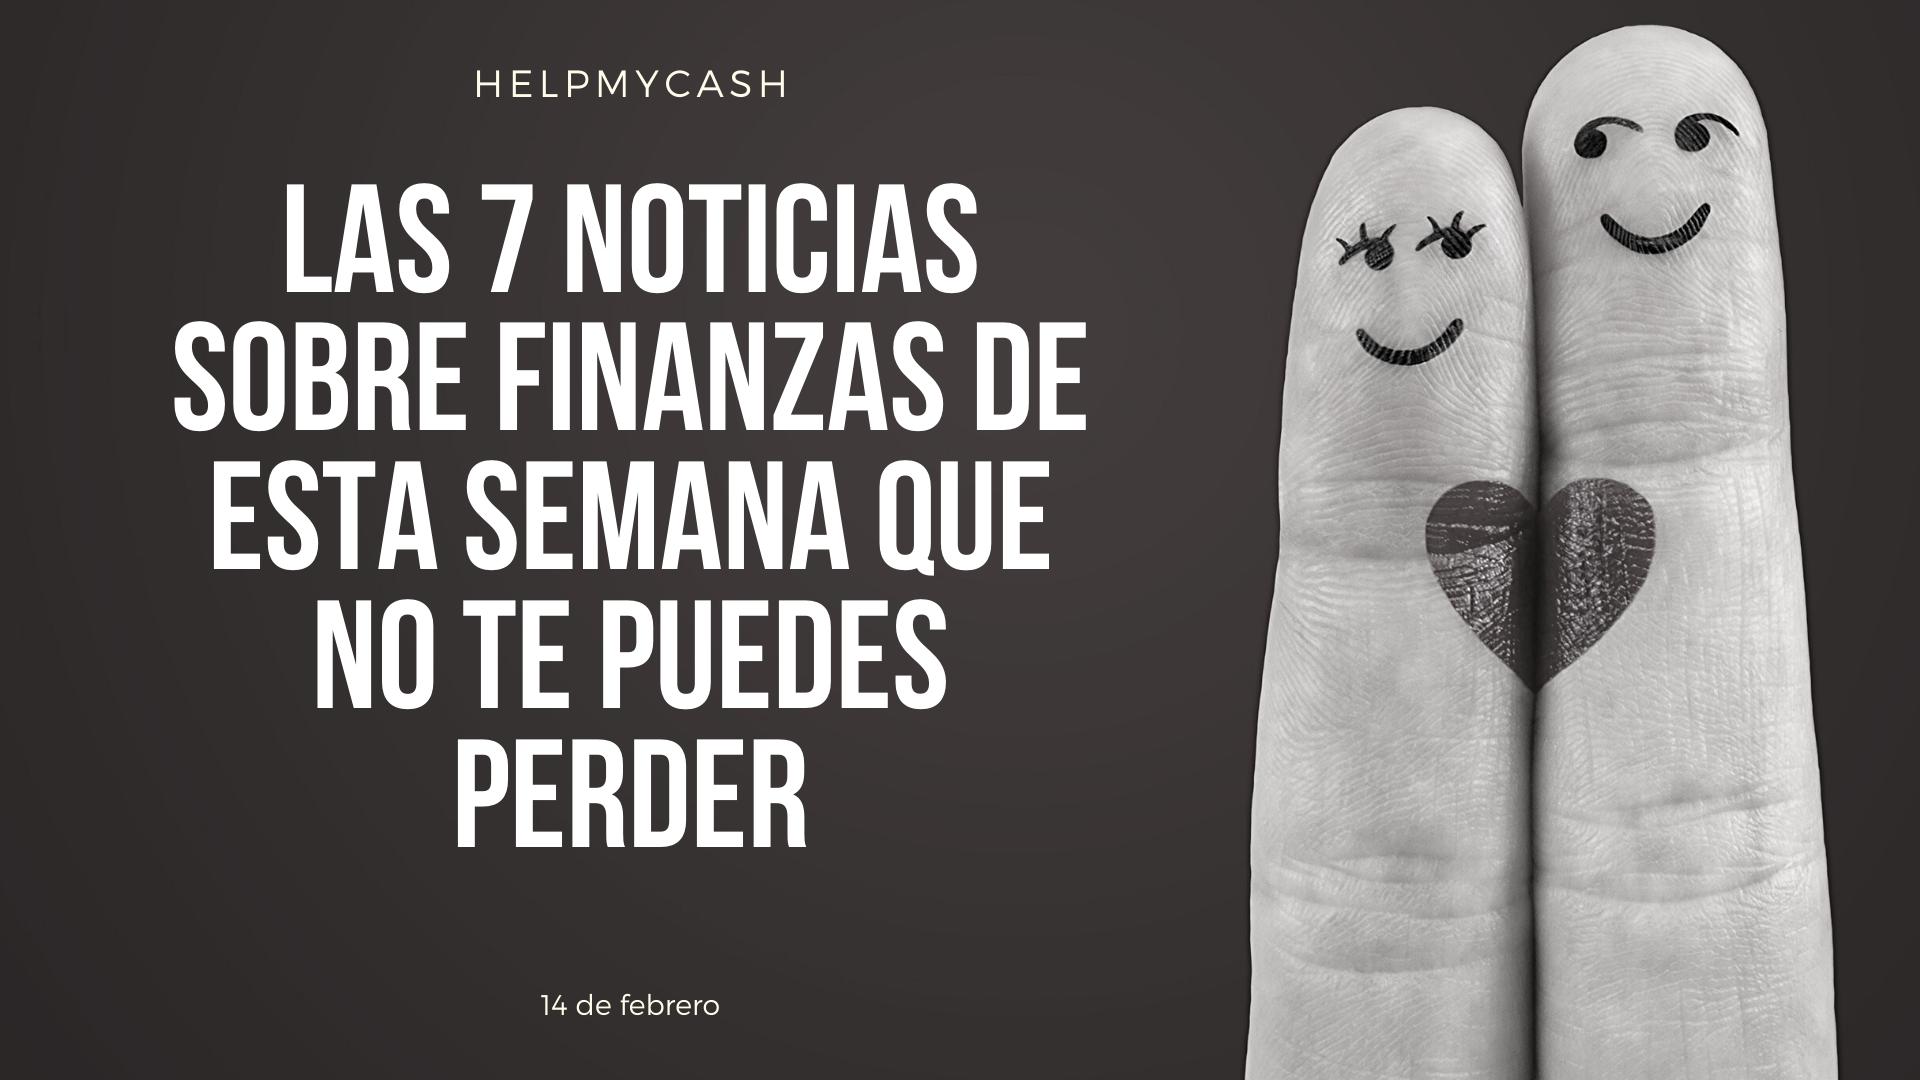 Las 7 noticias sobre finanzas de esta semana que no te puedes perder (14 de febrero)